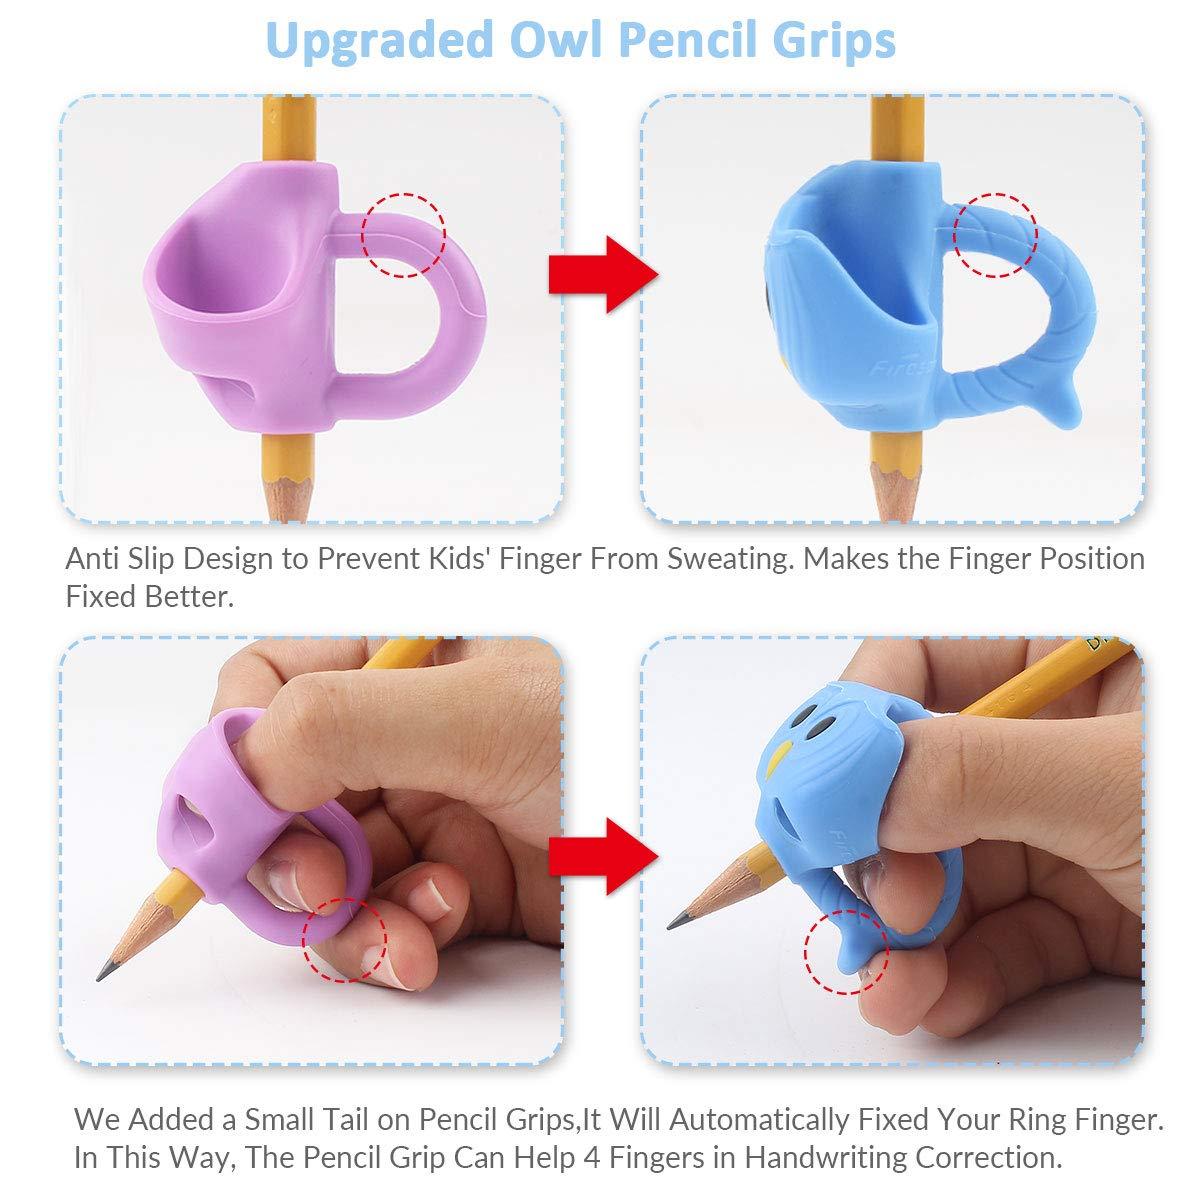 Agarrador de Lápiz, Firesara originales Búho Pencil Grip para para niños Escritura Ergonómico 3 juegos de dedos para la corrección de la postura de ...